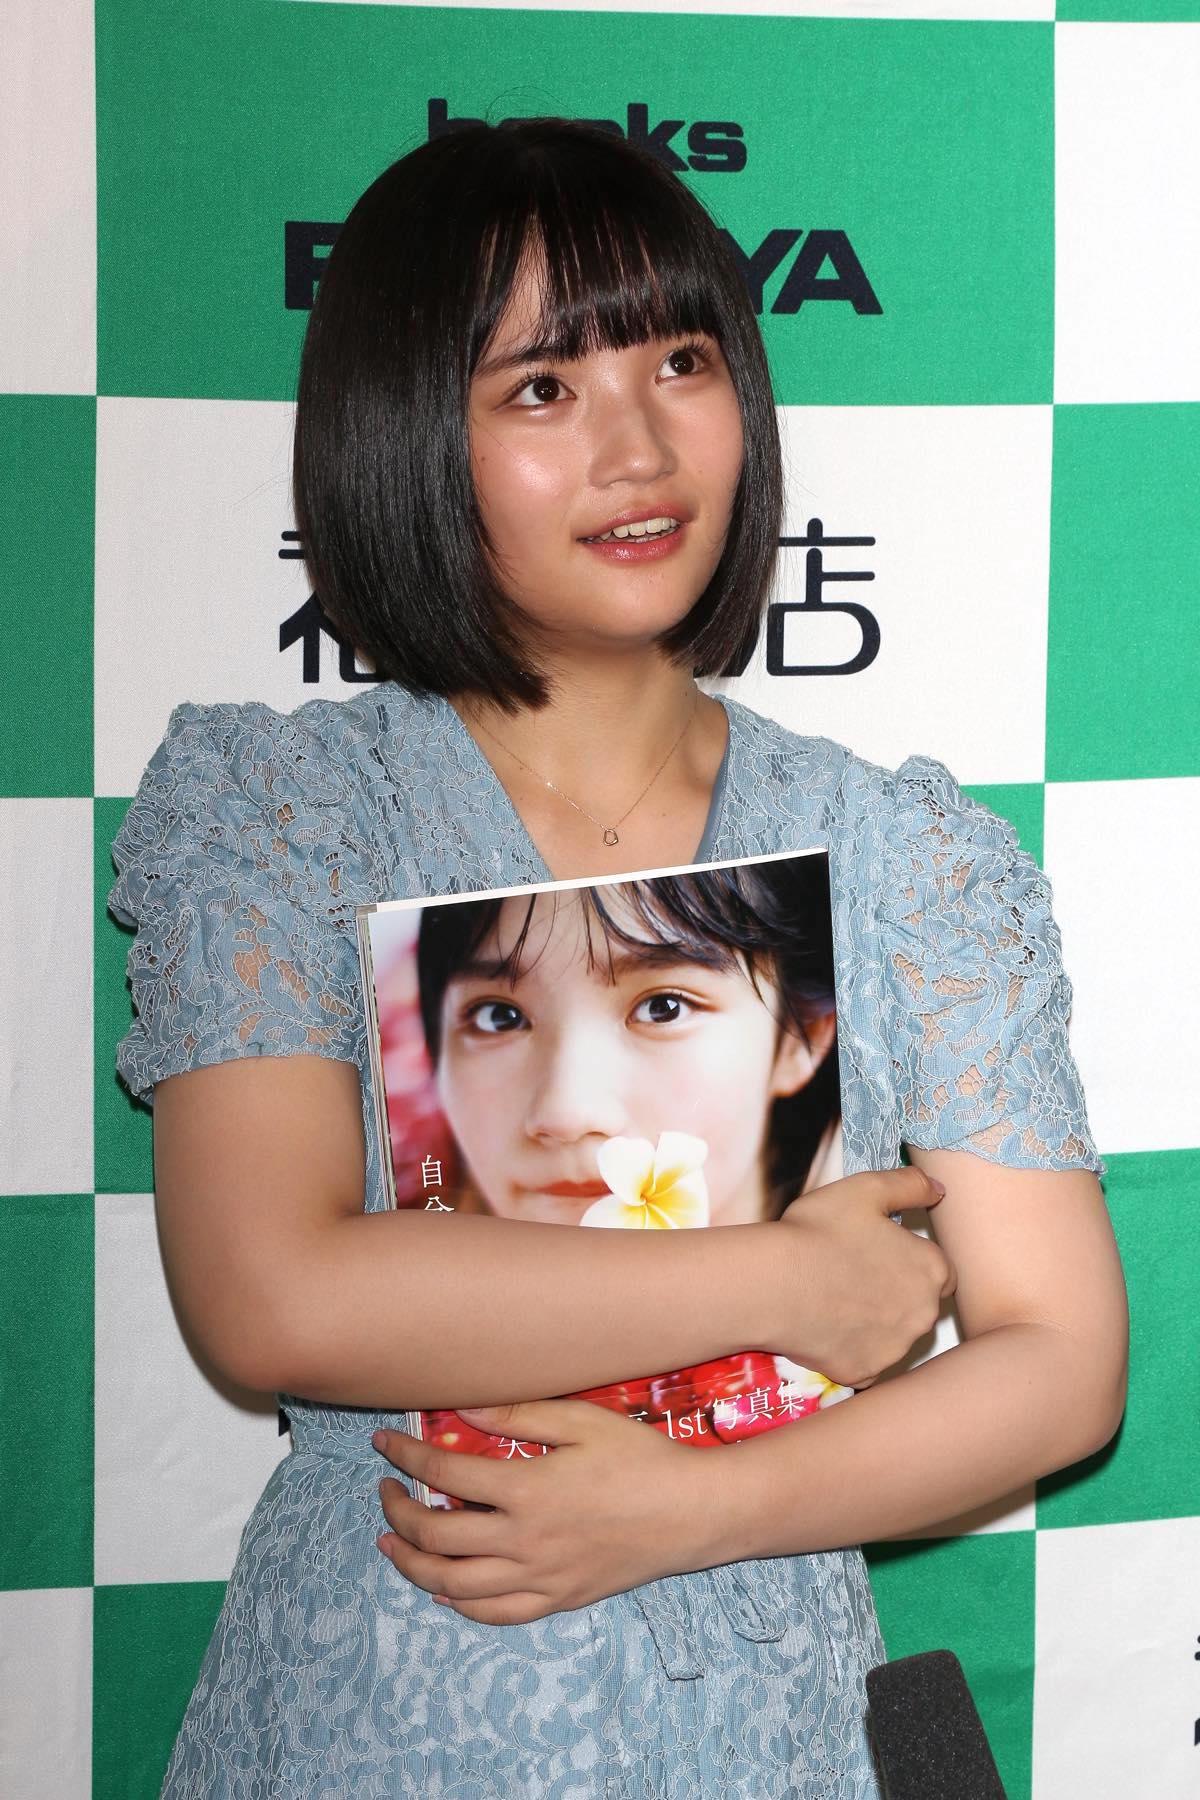 AKB48矢作萌夏「頑張っちゃった」1st写真集の見どころは?【写真28枚】の画像024